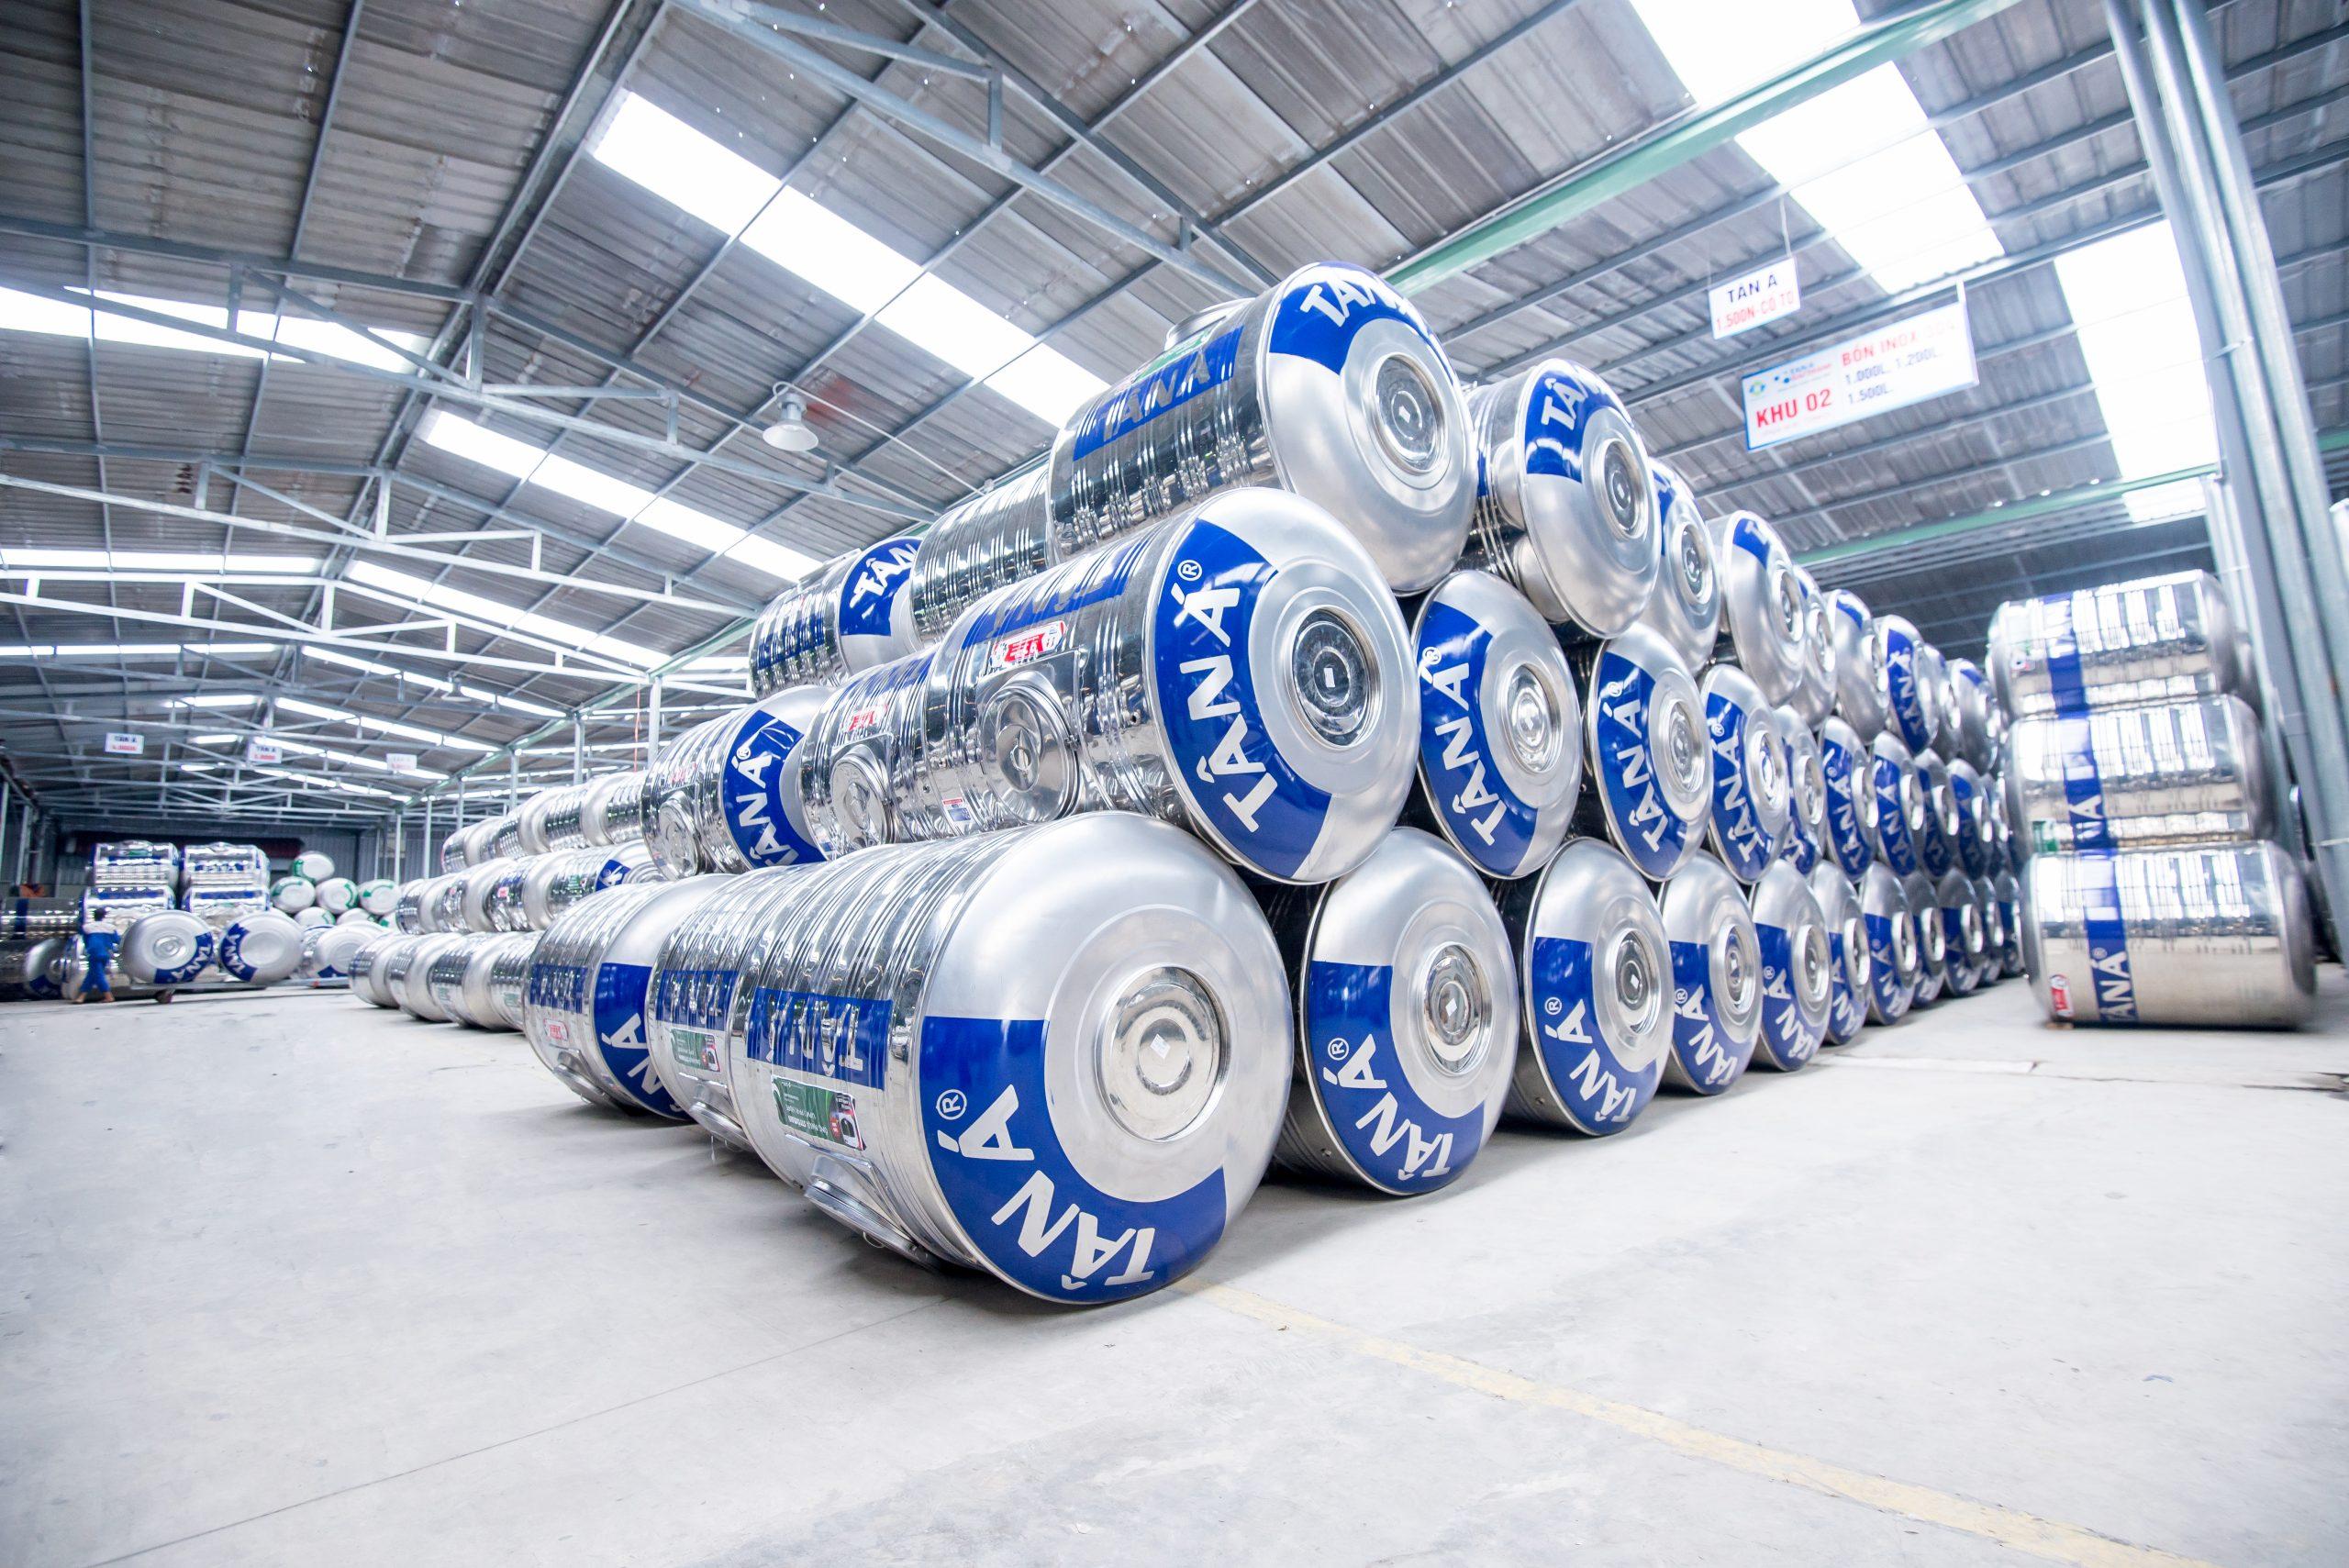 Tân Á Đại Thành tái cấu trúc toàn diện, đặt mục tiêu doanh thu tỷ đôla vào năm 2025